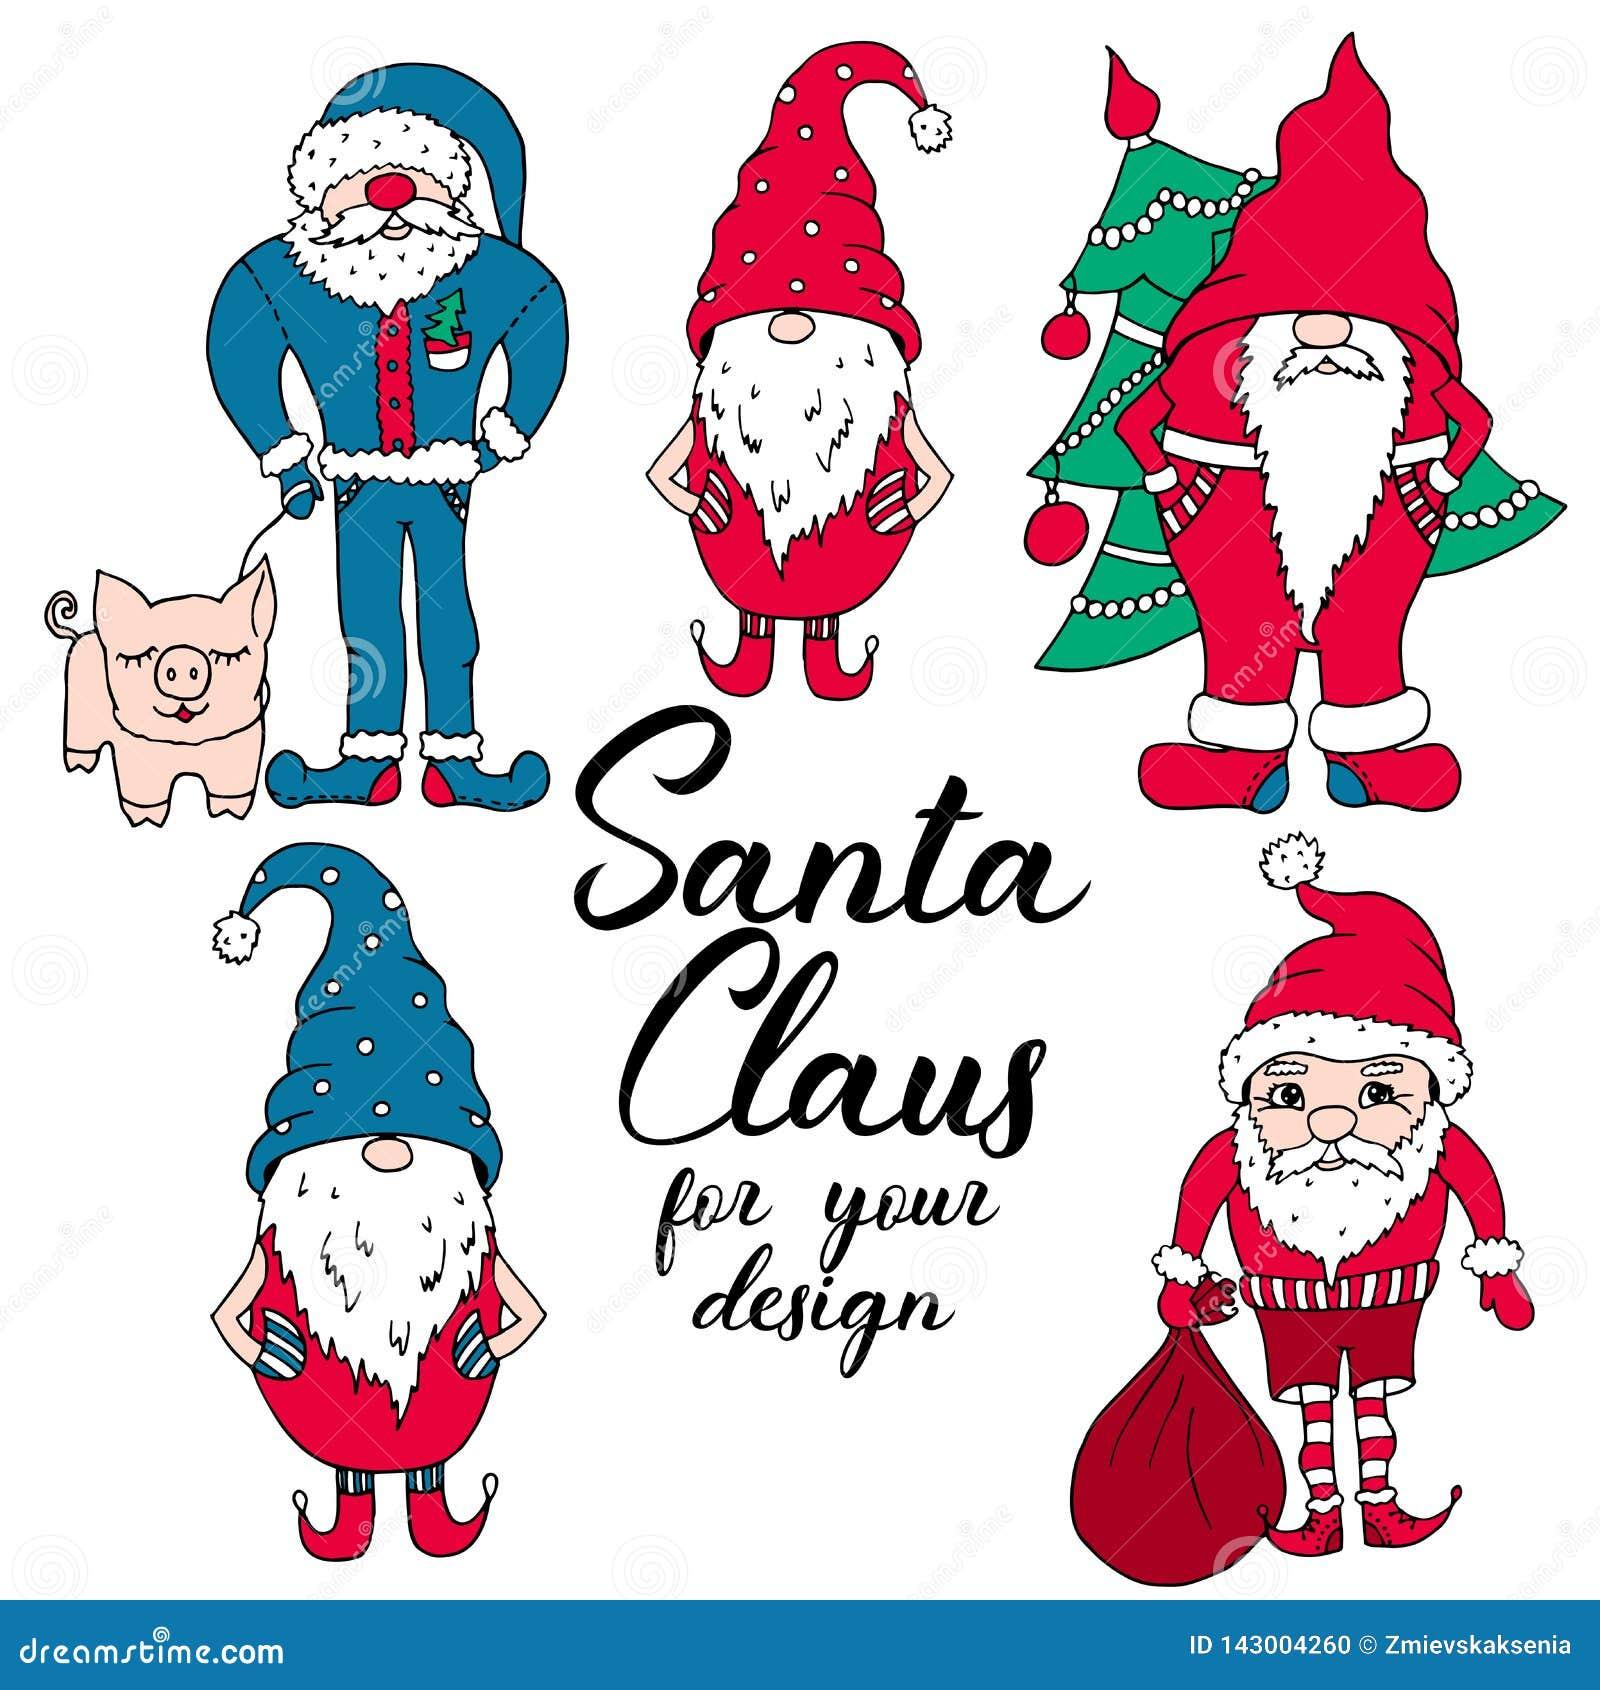 Santas in rode en blauwe kleuren